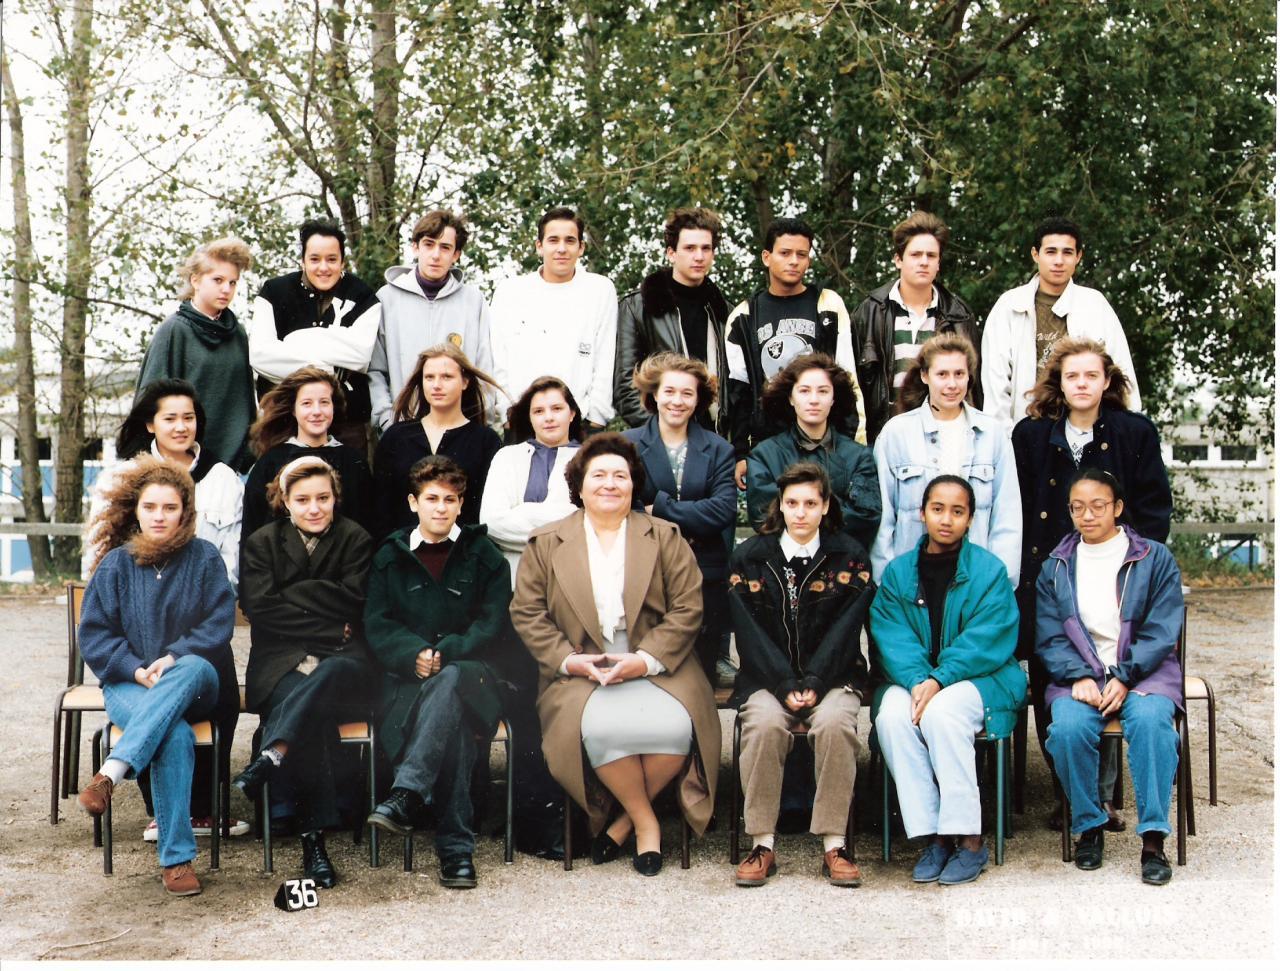 1992 - 1ère B2